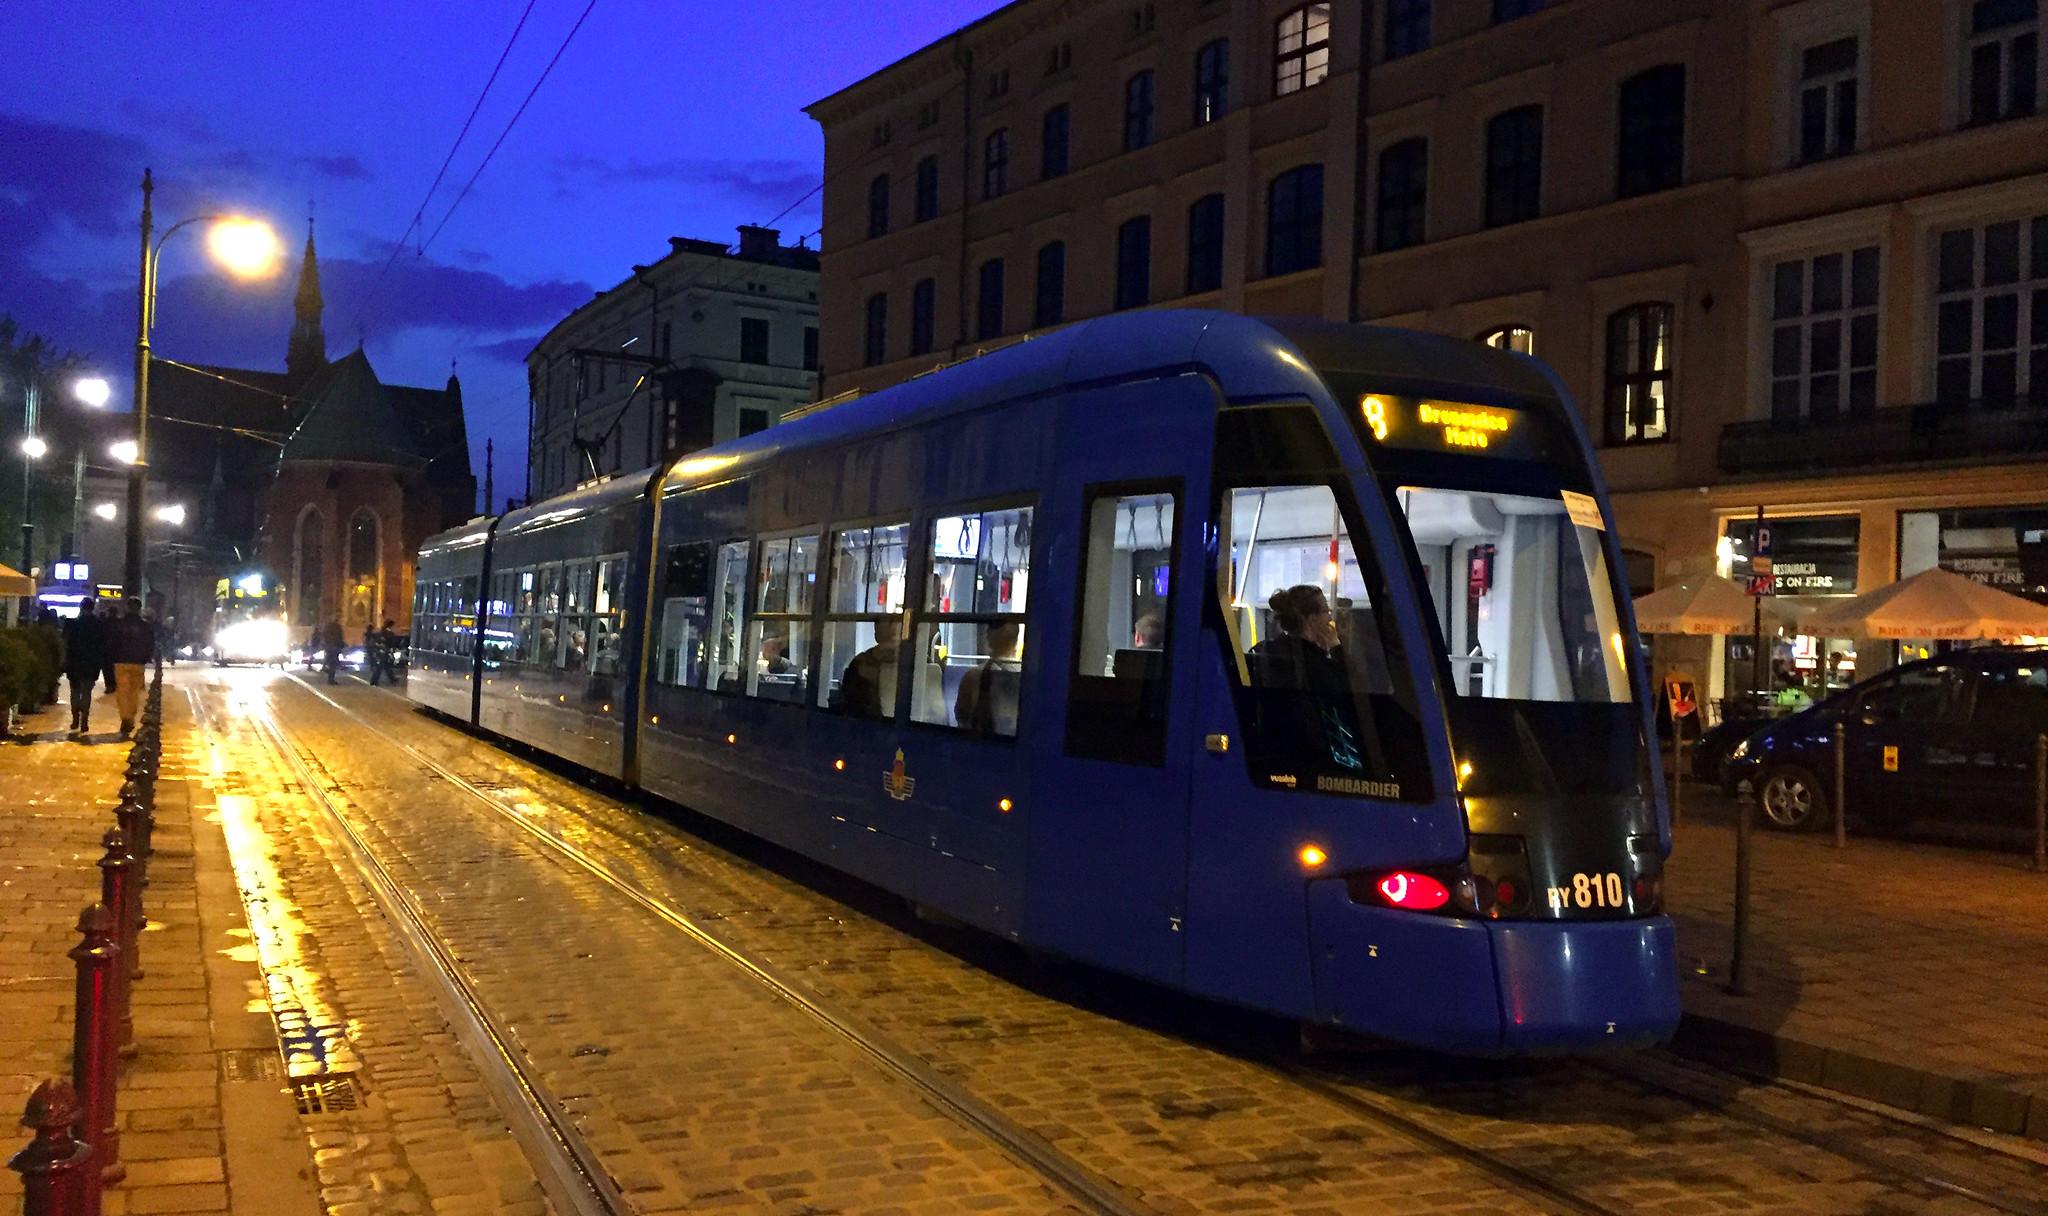 Qué ver en Cracovia, Krakow, Polonia, Poland qué ver en cracovia - 25591722817 2ded2b1c51 k - Qué ver en Cracovia, Polonia